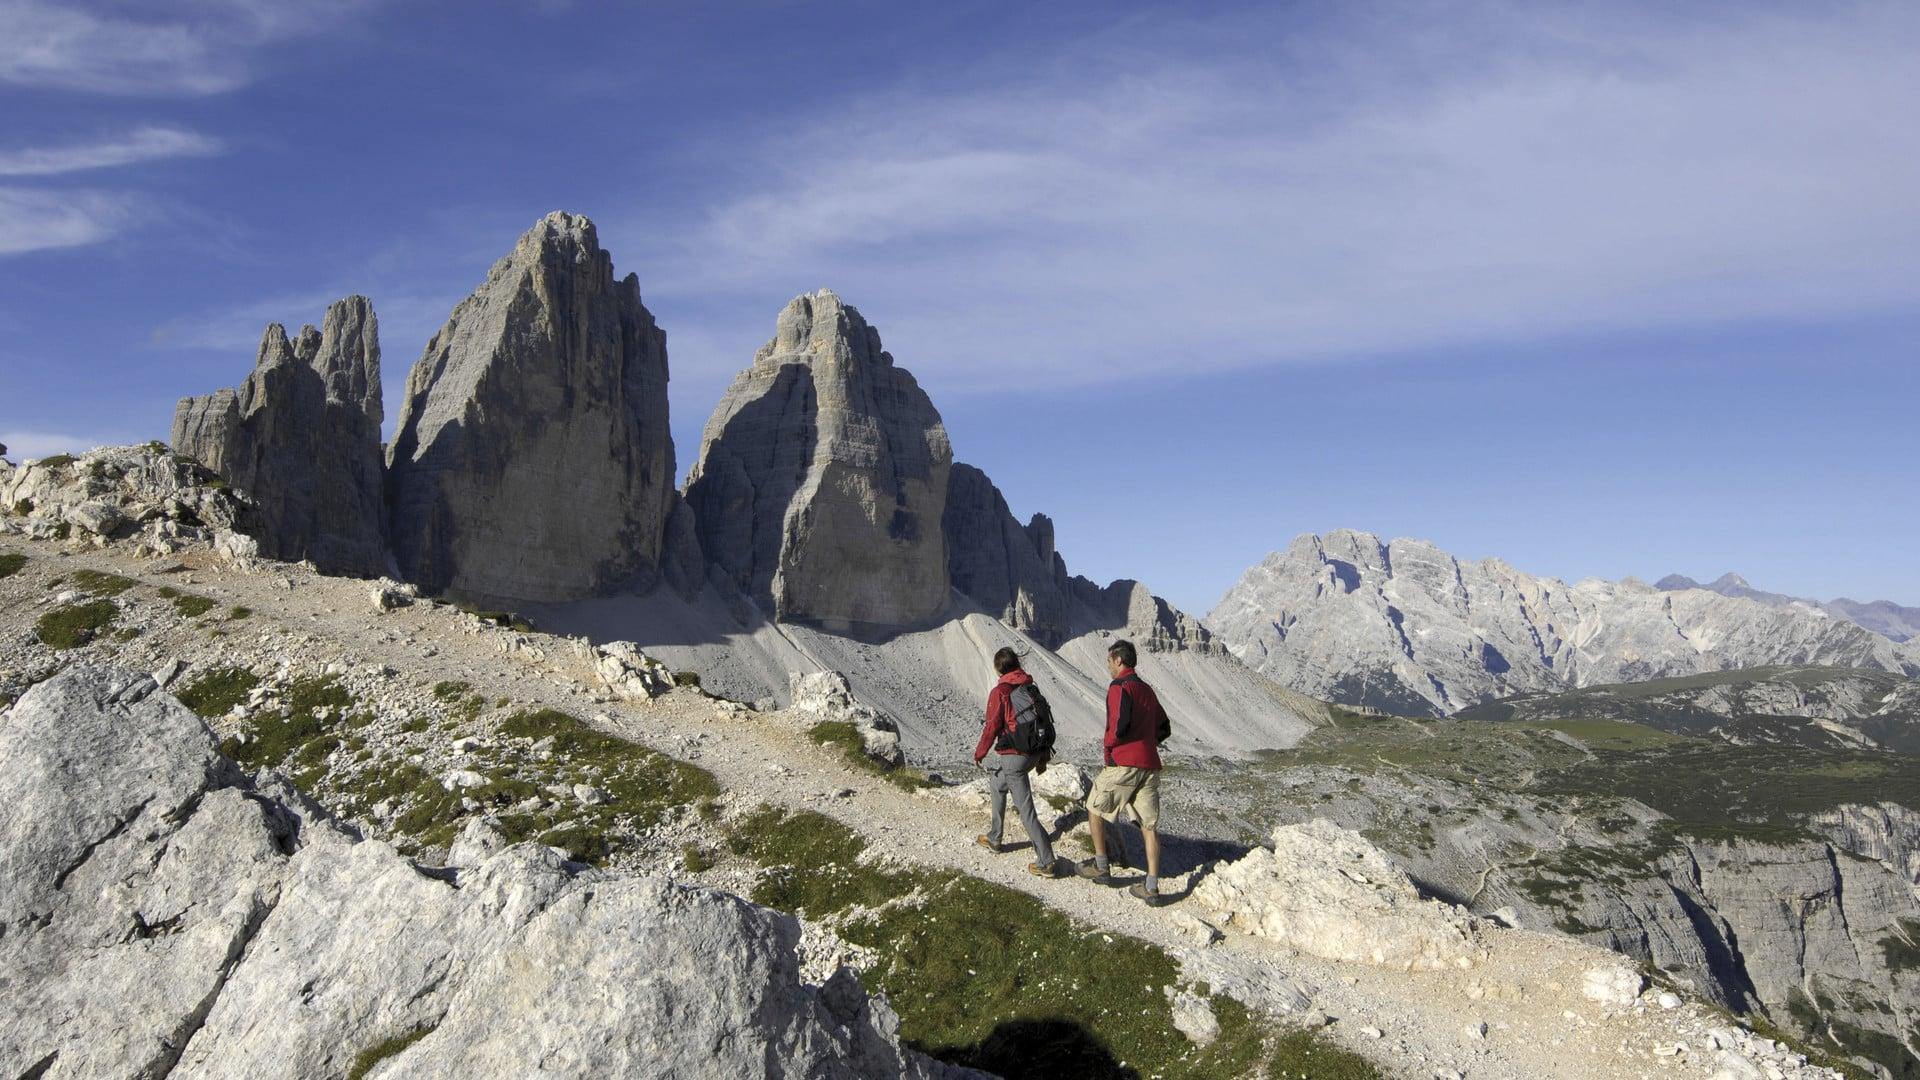 """""""Wandern ist die vollkommenste Art der Fortbewegung, wenn man das wahre Leben entdecken will."""" (Elizabeth von Arnim)"""